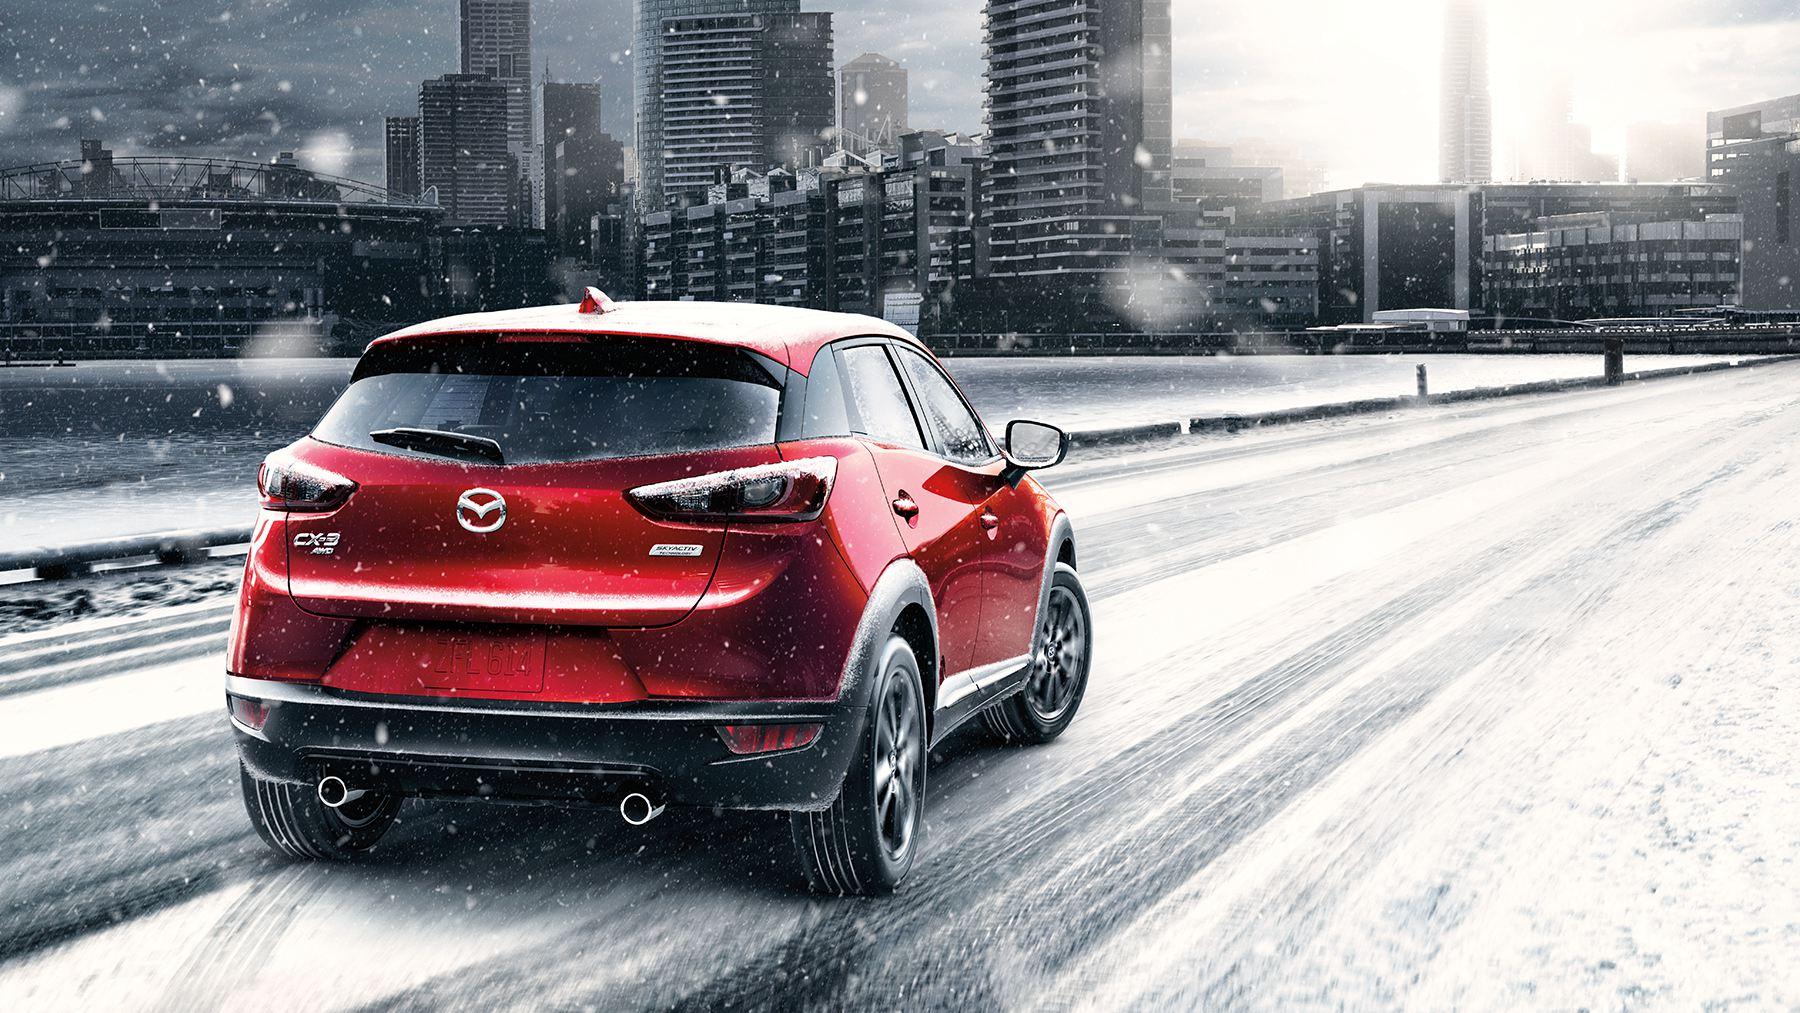 El Mazda CX-3 2017 en la nieve